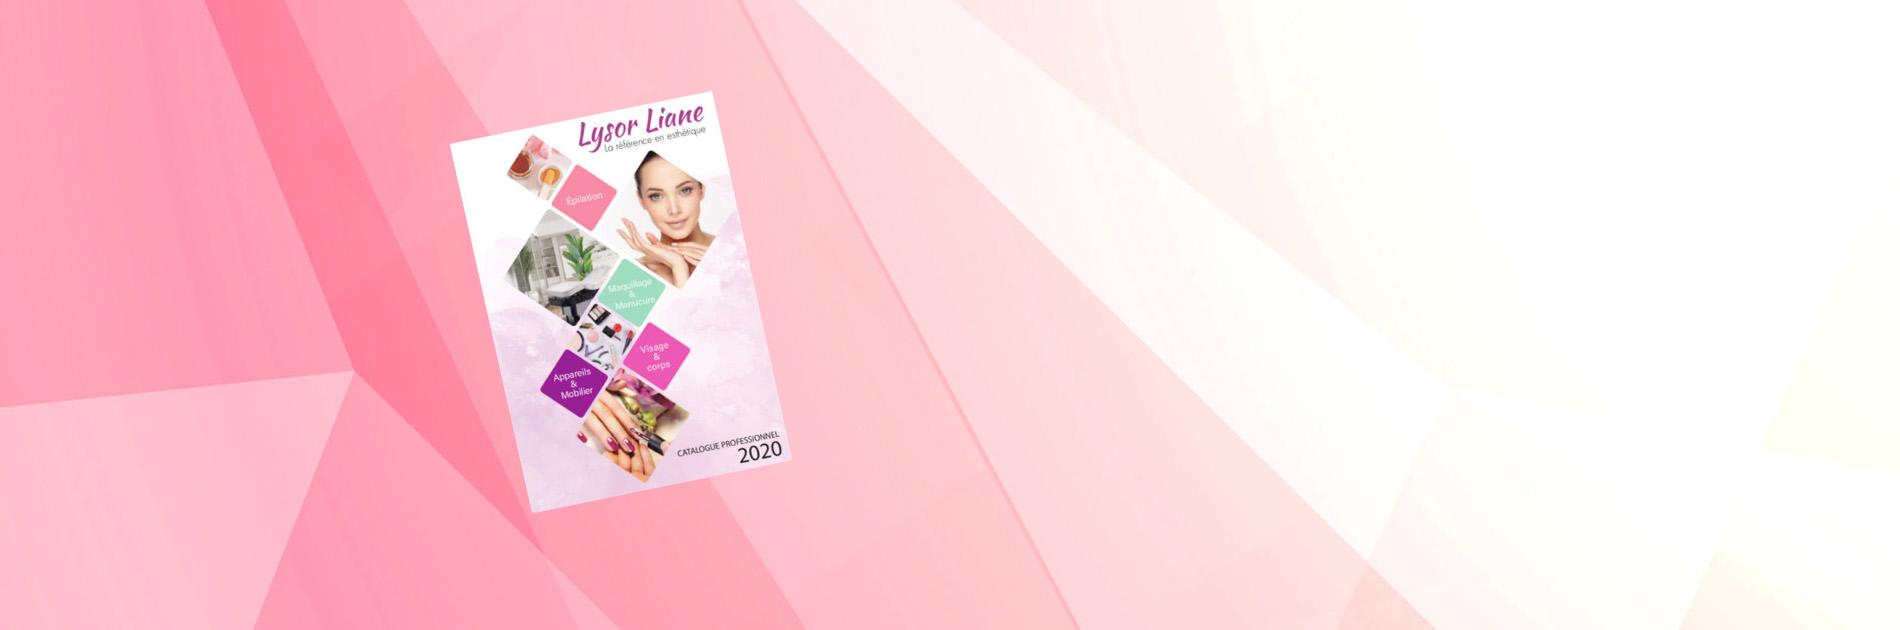 Catalogue 2020 Lysor Liane - Grossiste esthétique